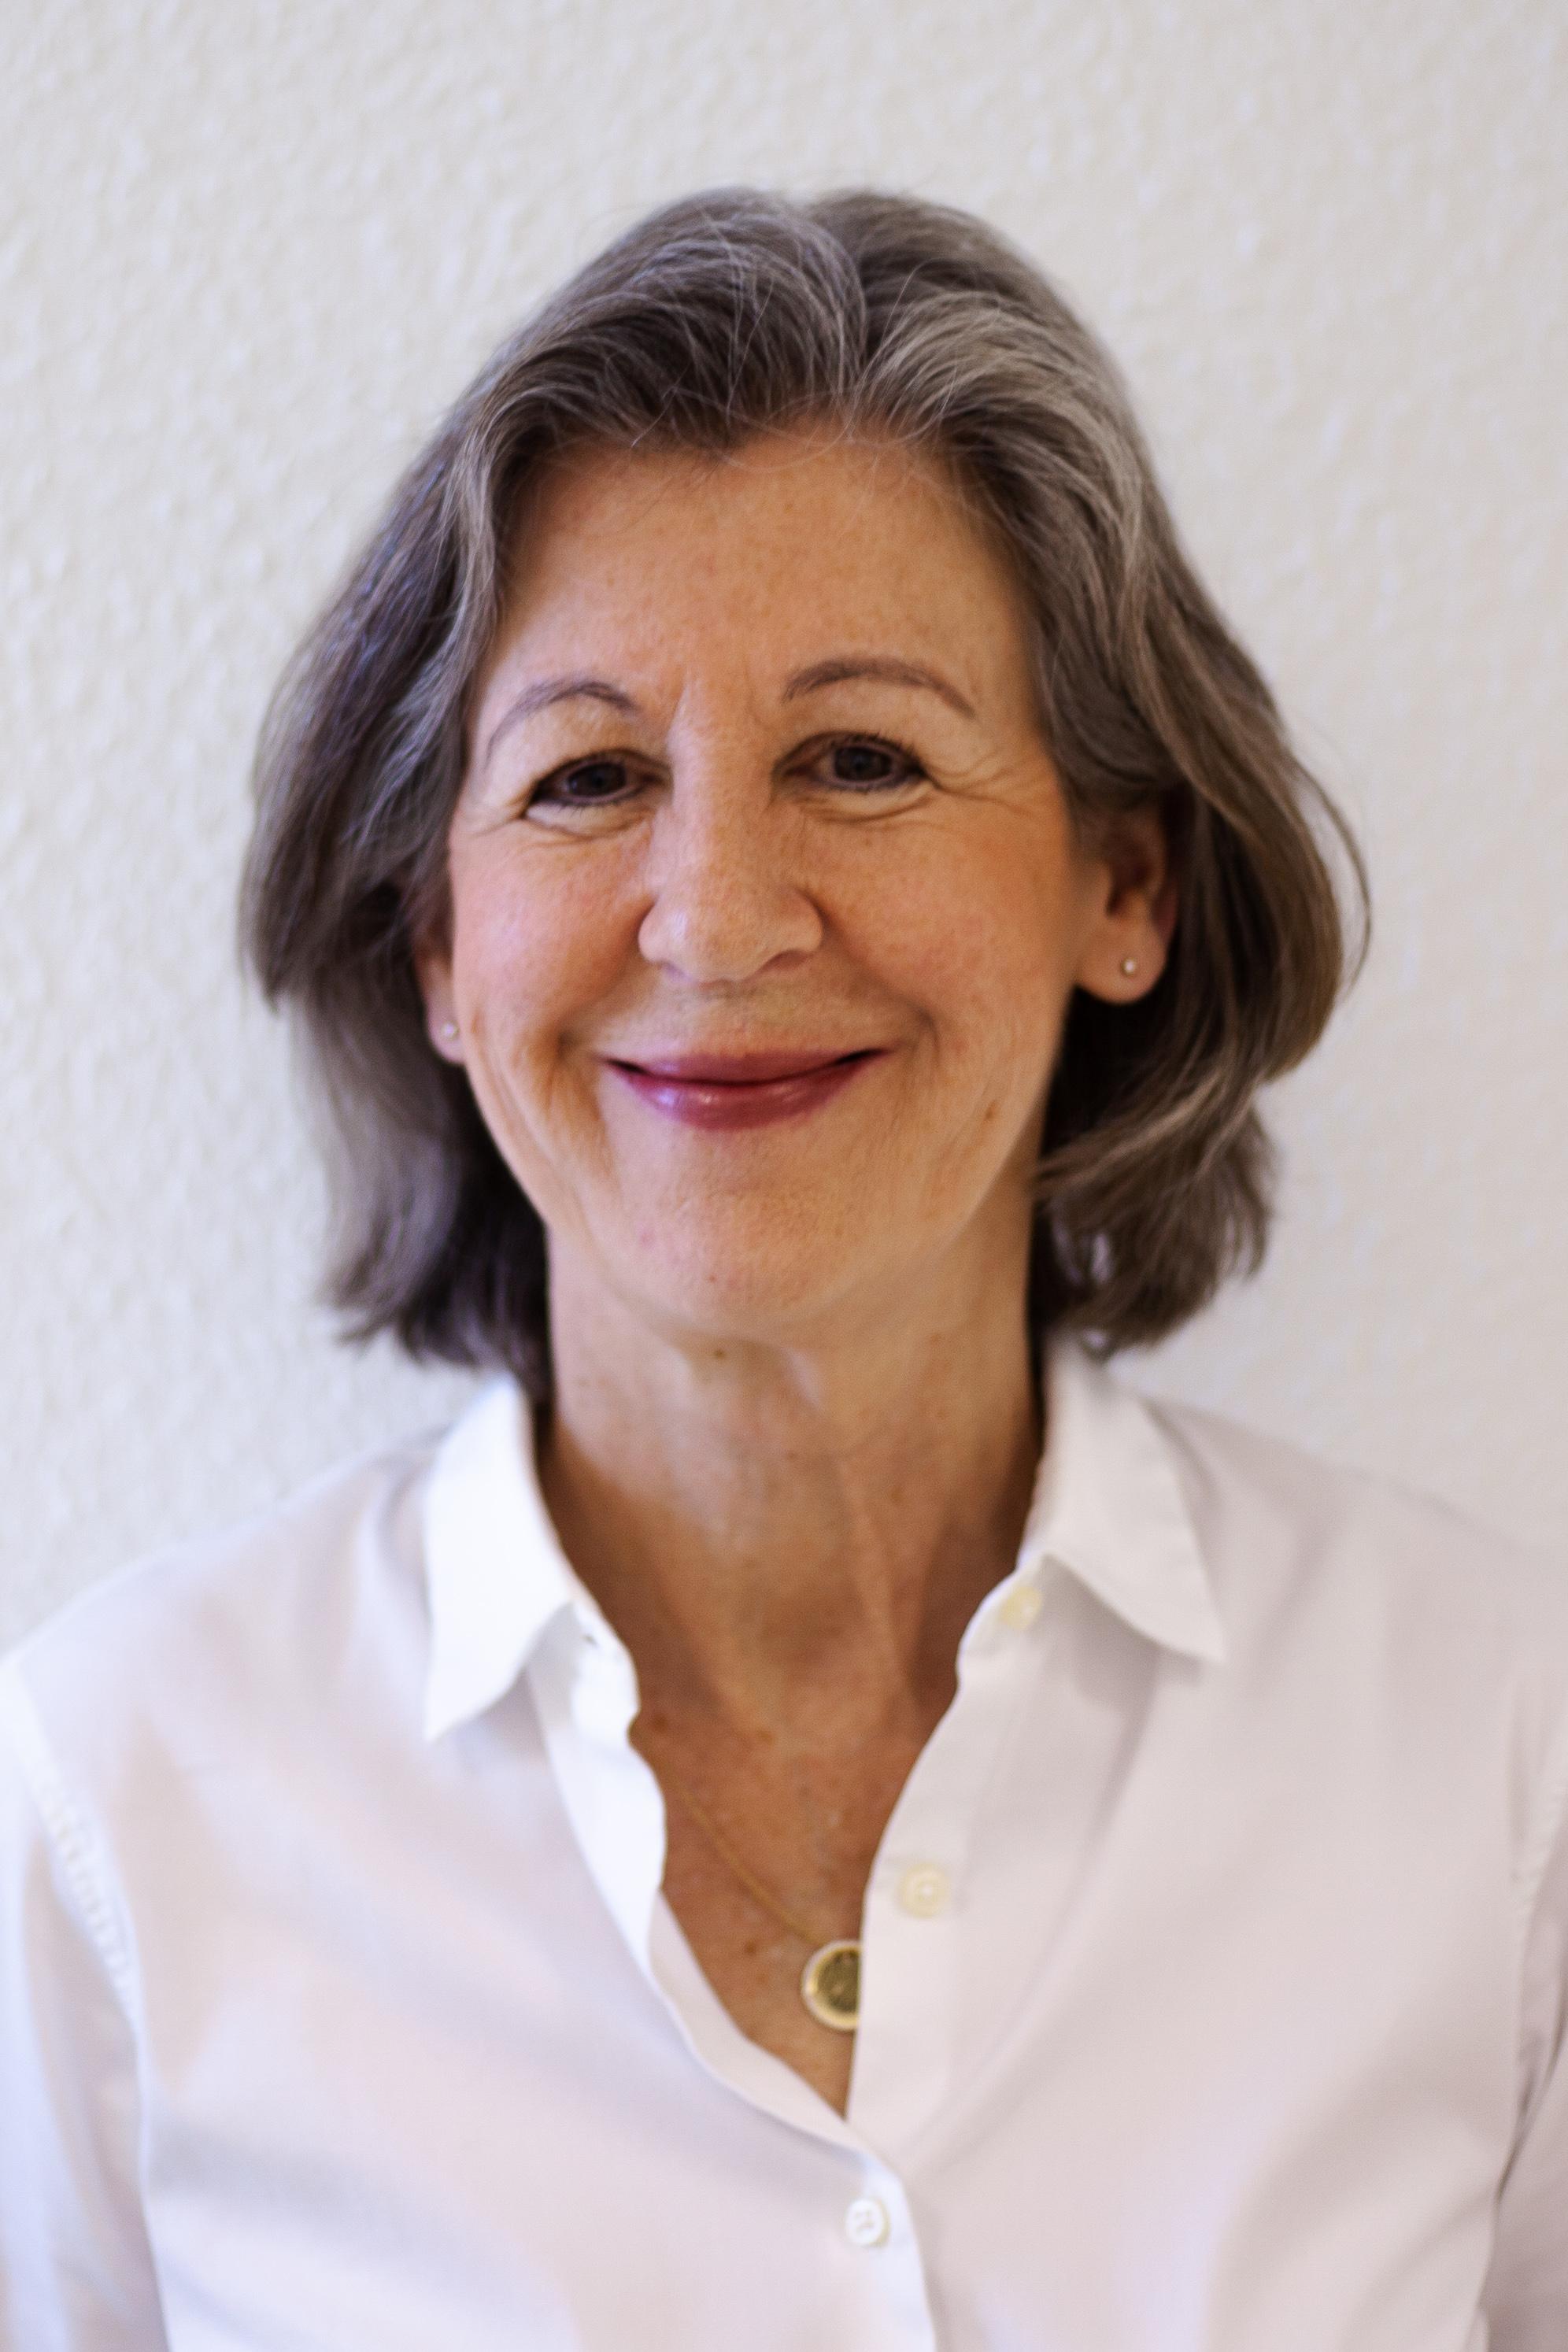 Dr. Andrea Heinz